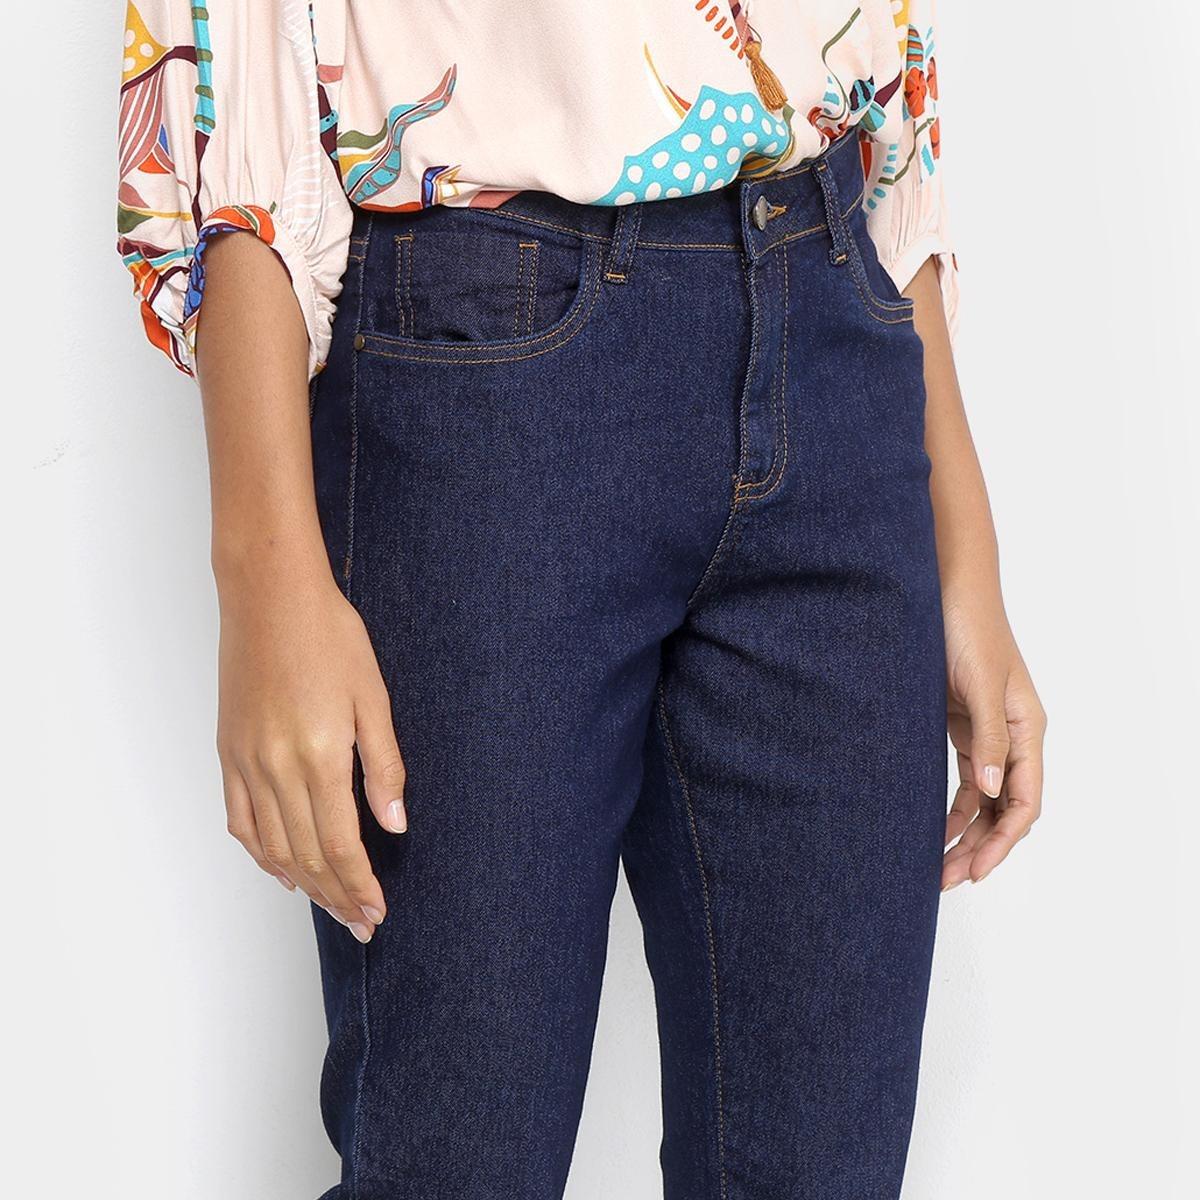 bf01ac769 Calça Jeans Reta Cantão Cintura Média Feminina - R$ 199,99 em ...